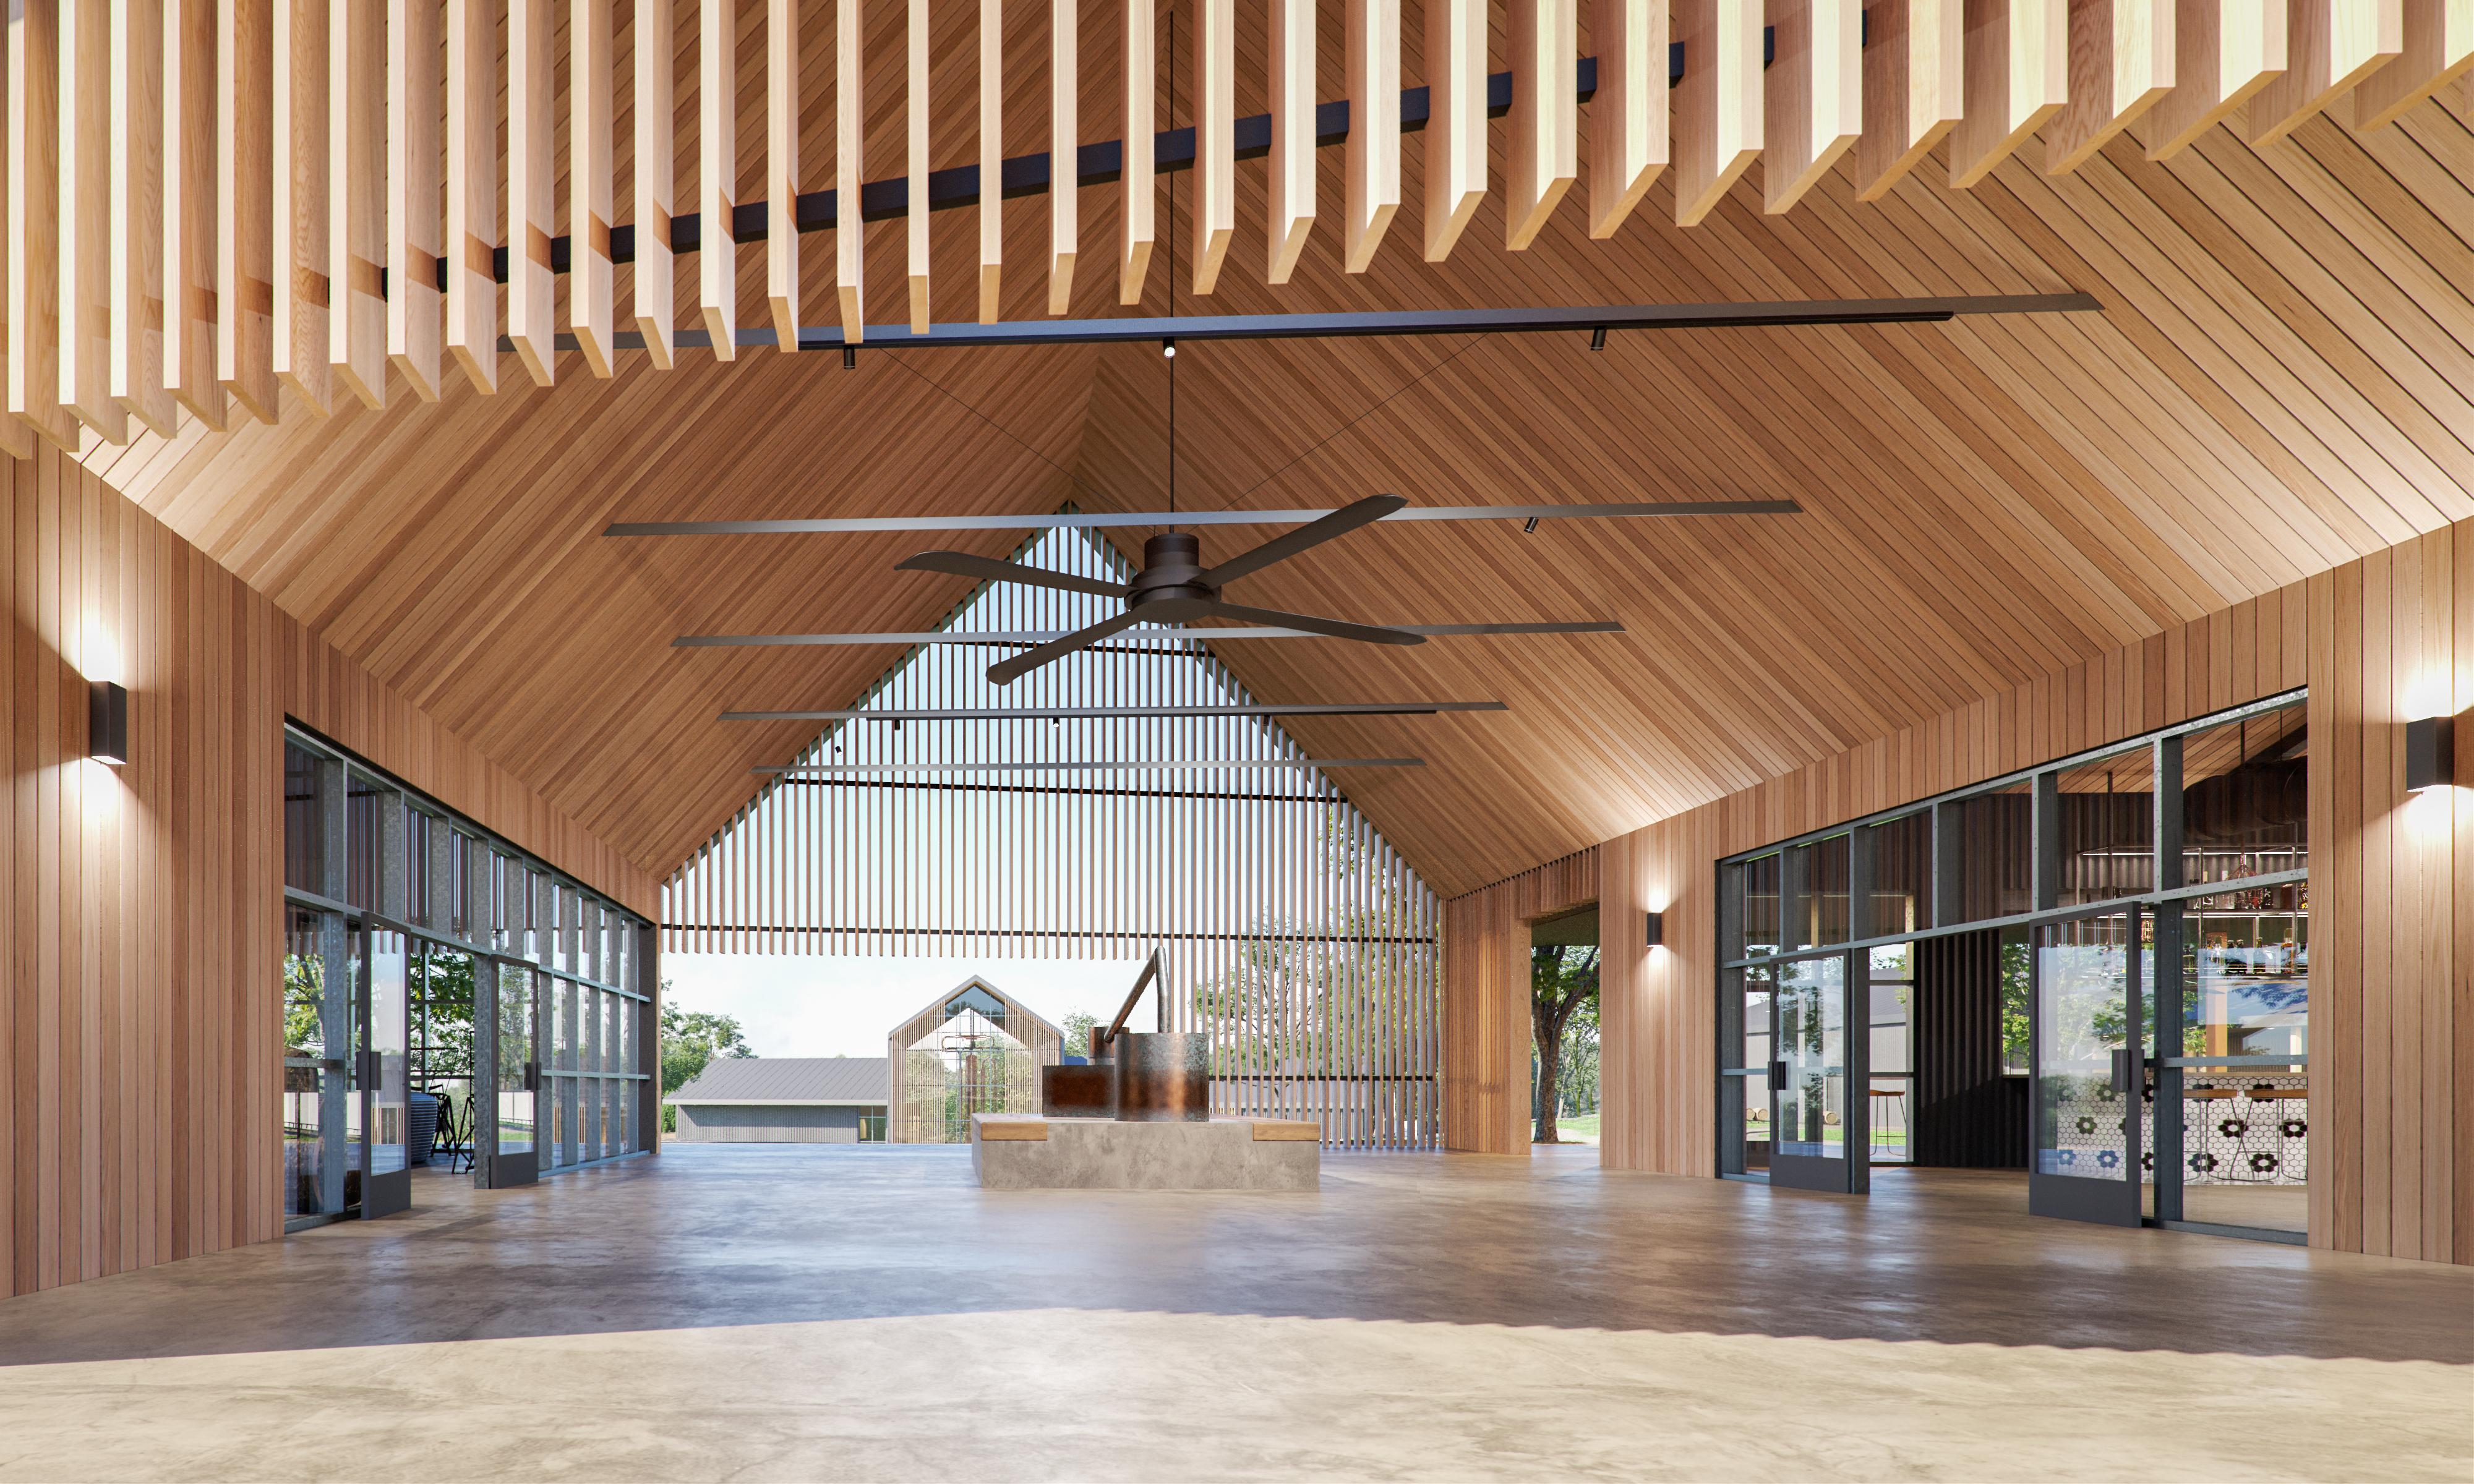 clyde-mays-interior-stills-entrance